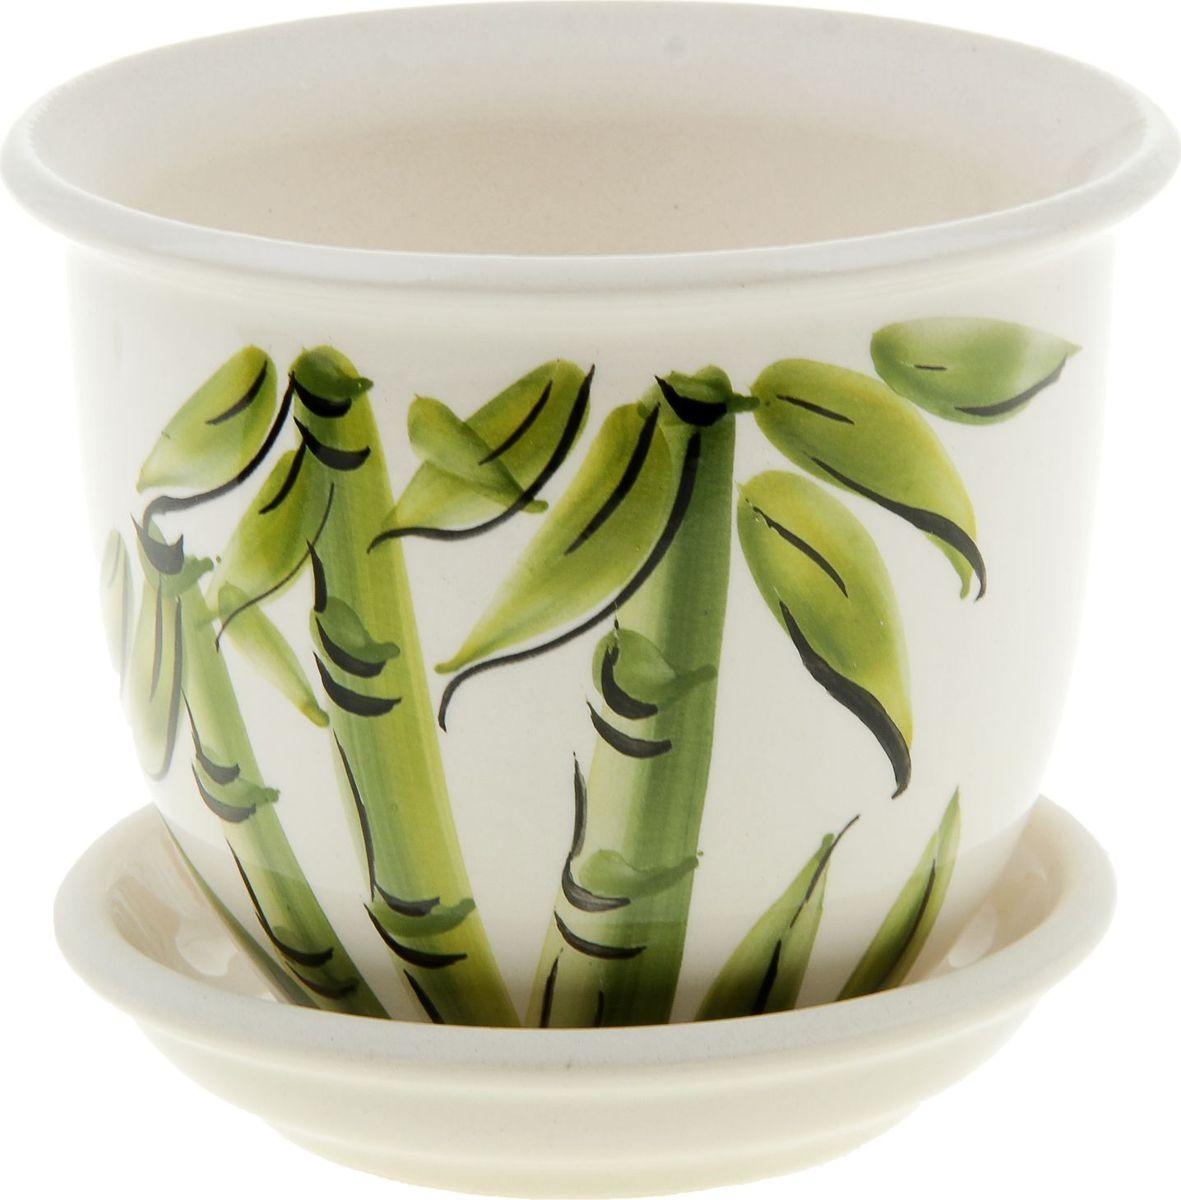 Кашпо Керамика ручной работы Классик. Бамбук, цвет: белый, 0,5 л835600Комнатные растения — всеобщие любимцы. Они радуют глаз, насыщают помещение кислородом и украшают пространство. Каждому из них необходим свой удобный и красивый дом. Кашпо из керамики прекрасно подходят для высадки растений: за счёт пластичности глины и разных способов обработки существует великое множество форм и дизайновпористый материал позволяет испаряться лишней влагевоздух, необходимый для дыхания корней, проникает сквозь керамические стенки! #name# позаботится о зелёном питомце, освежит интерьер и подчеркнёт его стиль.